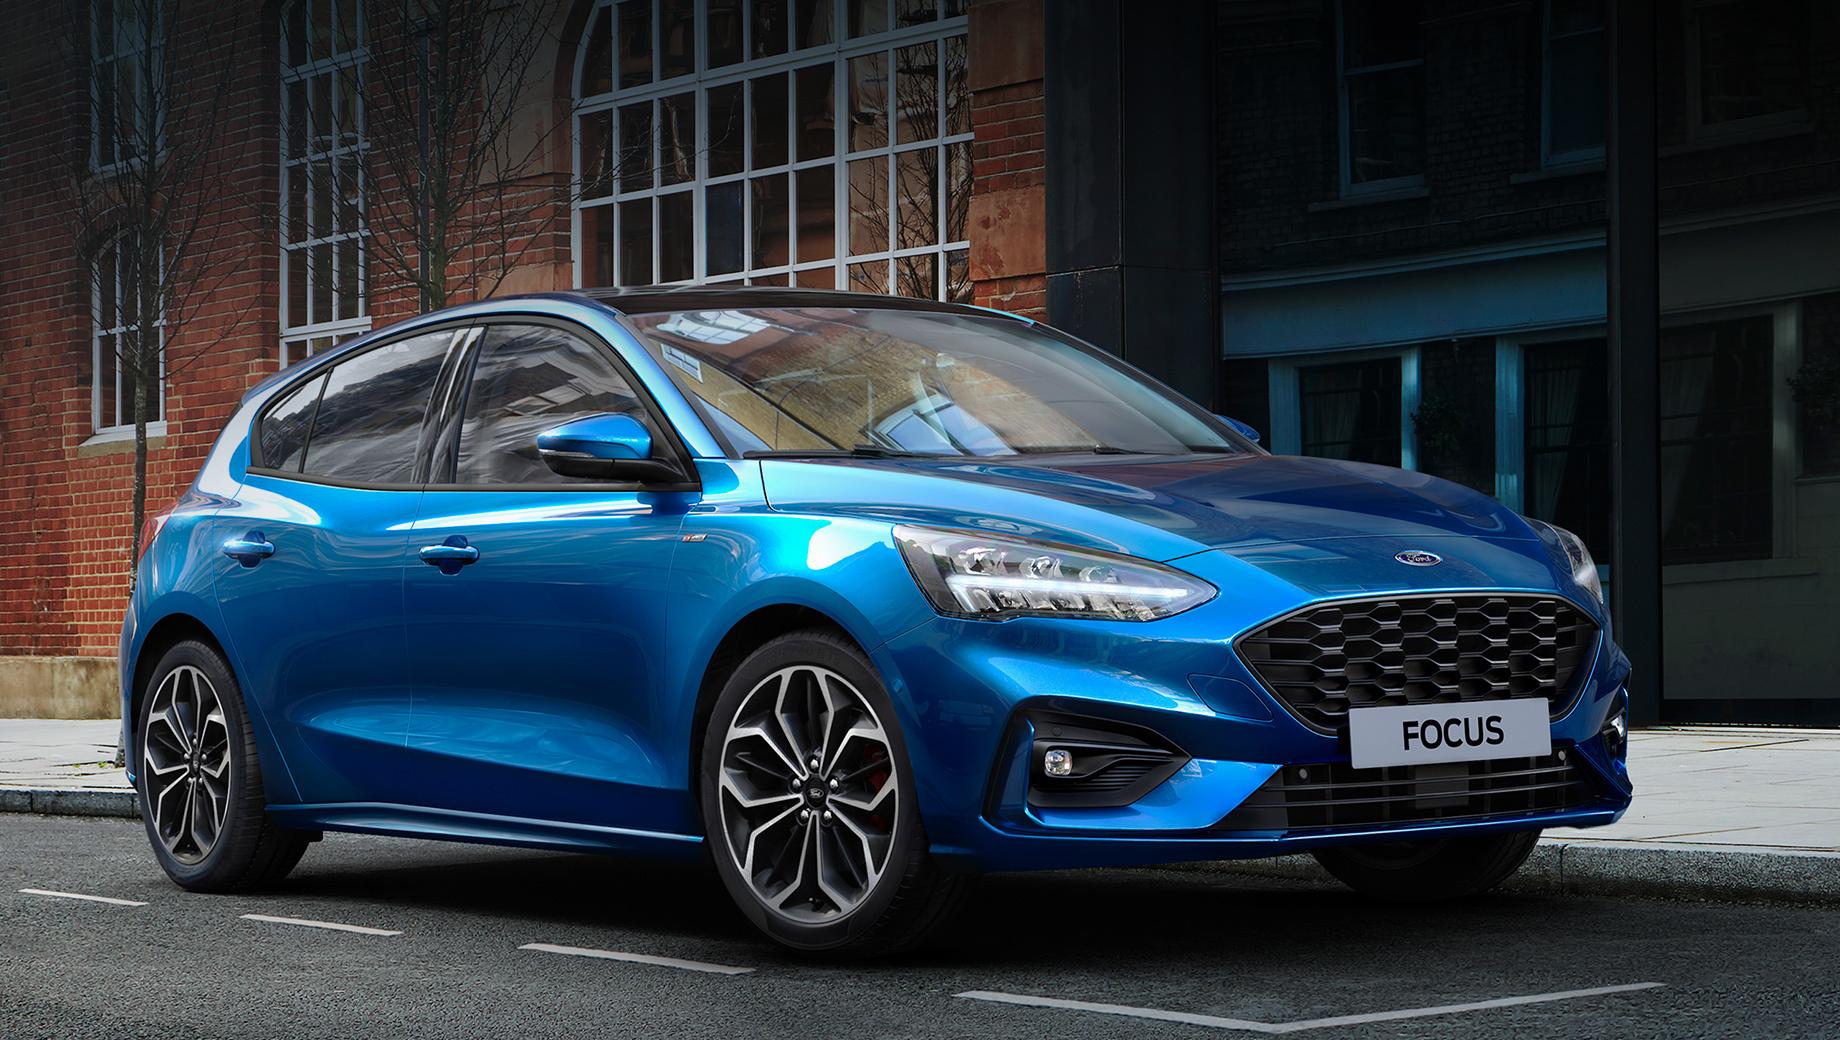 Ford focus. В прошлом году европейцы приобрели 224 401 Ford Focus и вывели модель на второе место по продажам. Не поддался лишь Volkswagen Golf с недосягаемым показателем в 410 779 машин. Увы, у нас «голубой овал» представлен только комтрансом.